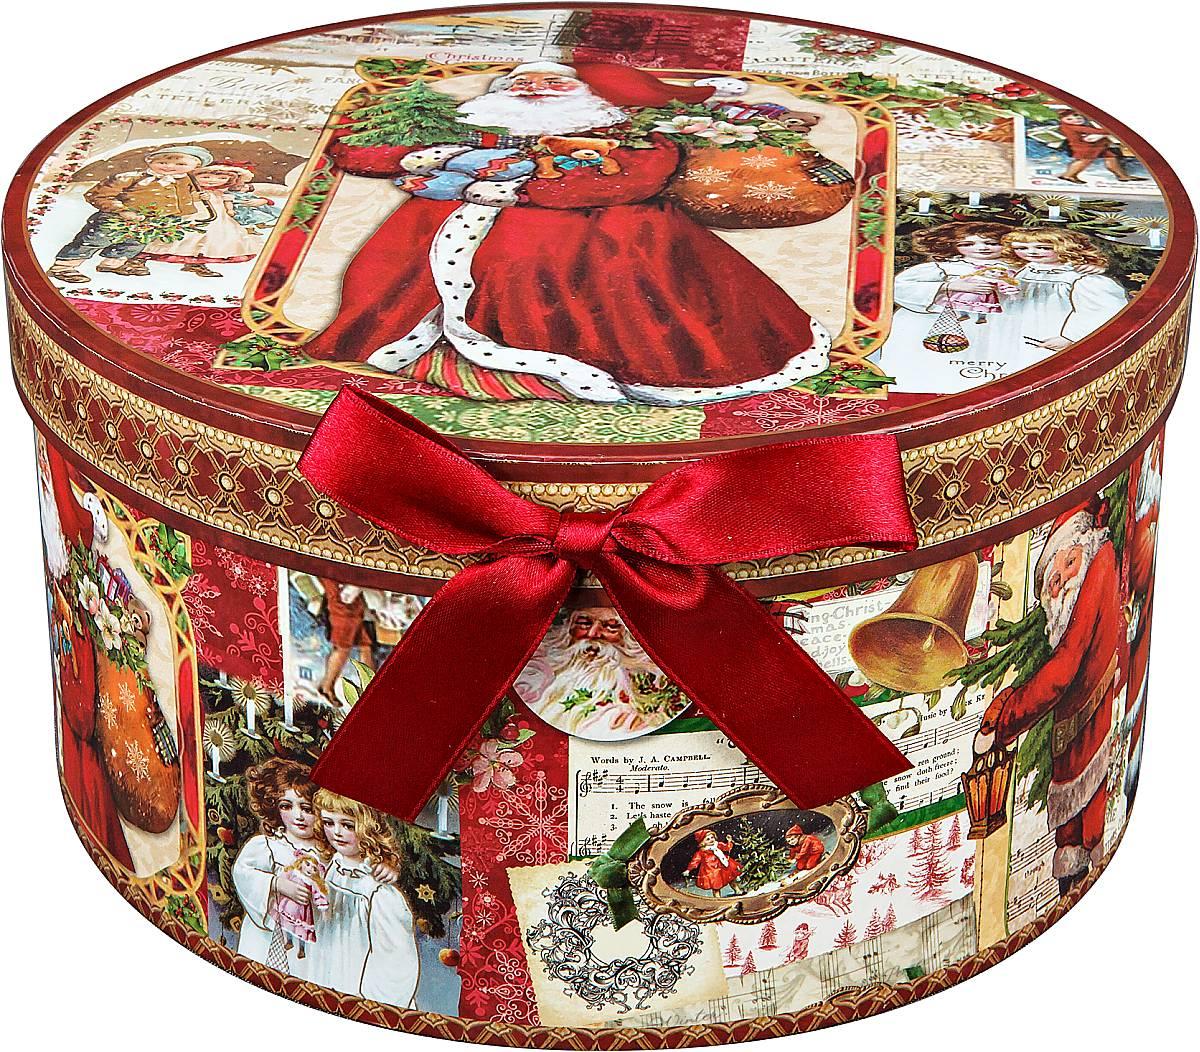 Коробка подарочная новогодняя Mister Christmas Дед Мороз и дети, круглая, 23 х 23 х 12 смBR-B-ROUND-B-1Круглая картонная коробка Mister Christmas Дед Мороз и дети - это один из самых распространенных вариантов упаковки подарков. Любой, даже самый нестандартный подарок упакованный в такую коробку, создаст момент легкой интриги, а плотный картон сохранит содержимое в первоначальном виде. Оригинальный дизайн самой коробки будет долго напоминать владельцу о трогательных моментах получения подарка.